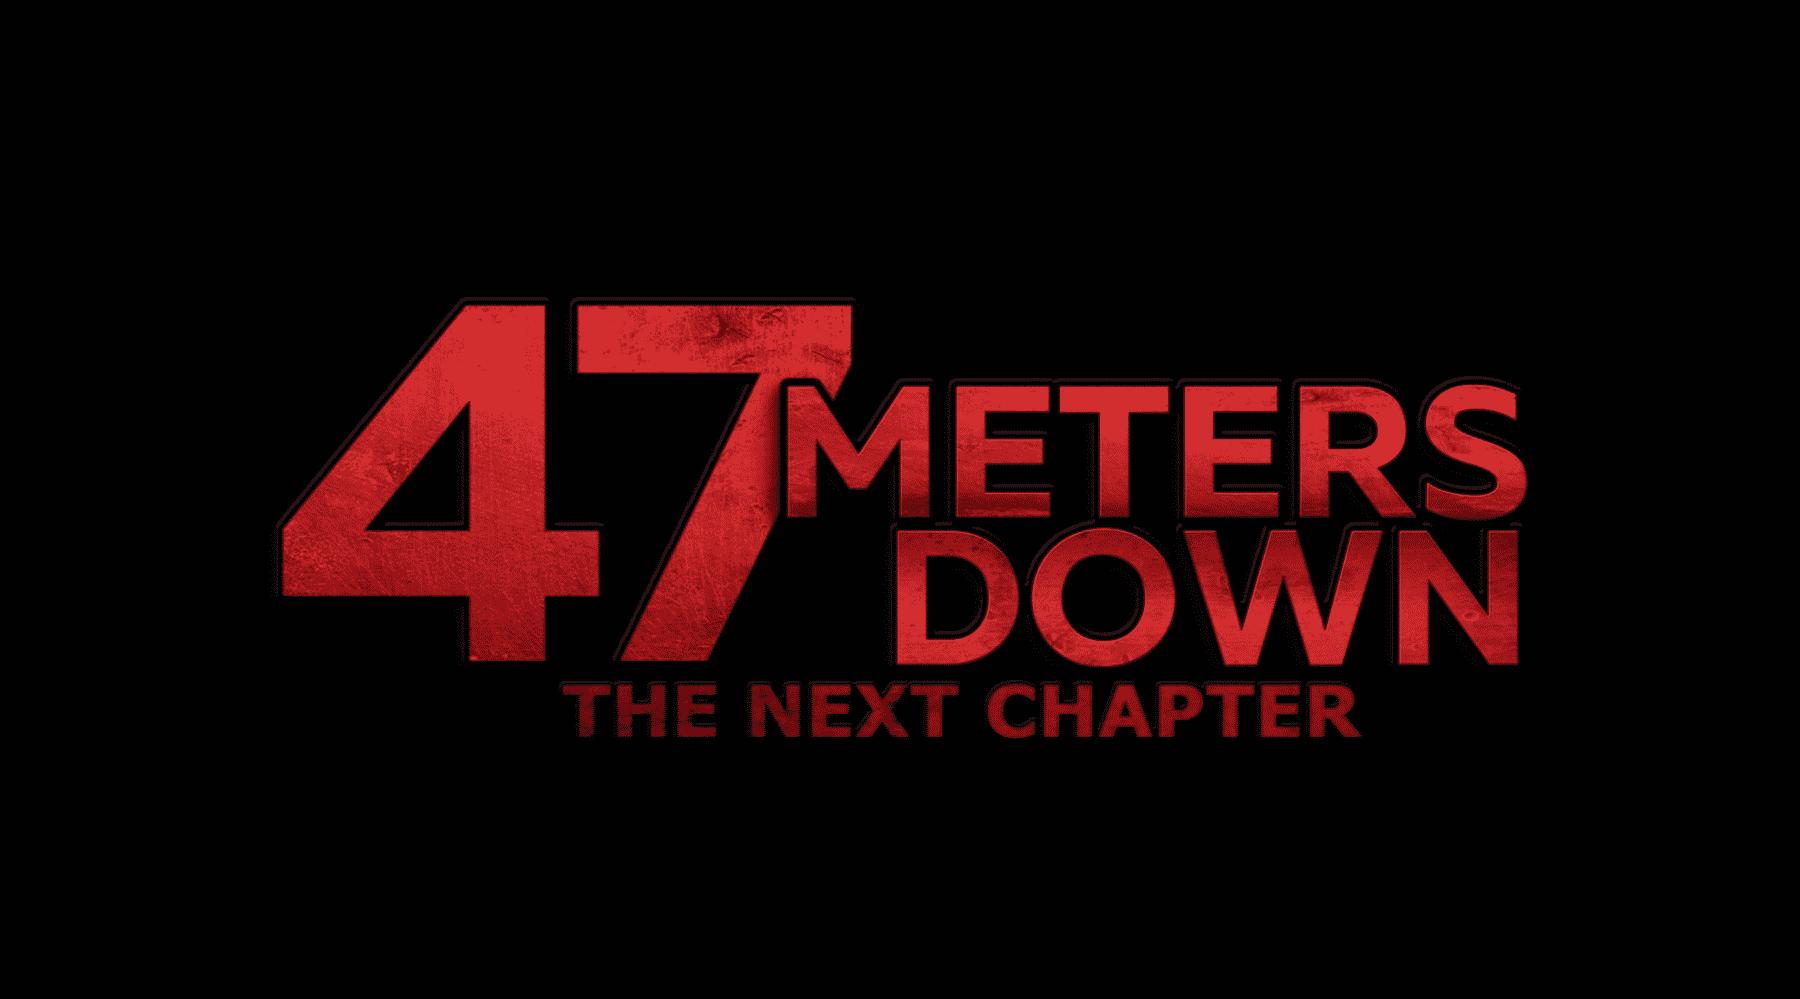 La secuela 47 Meters Down: The Next Chapter revela teaser tráiler y anuncia estreno para 2019.